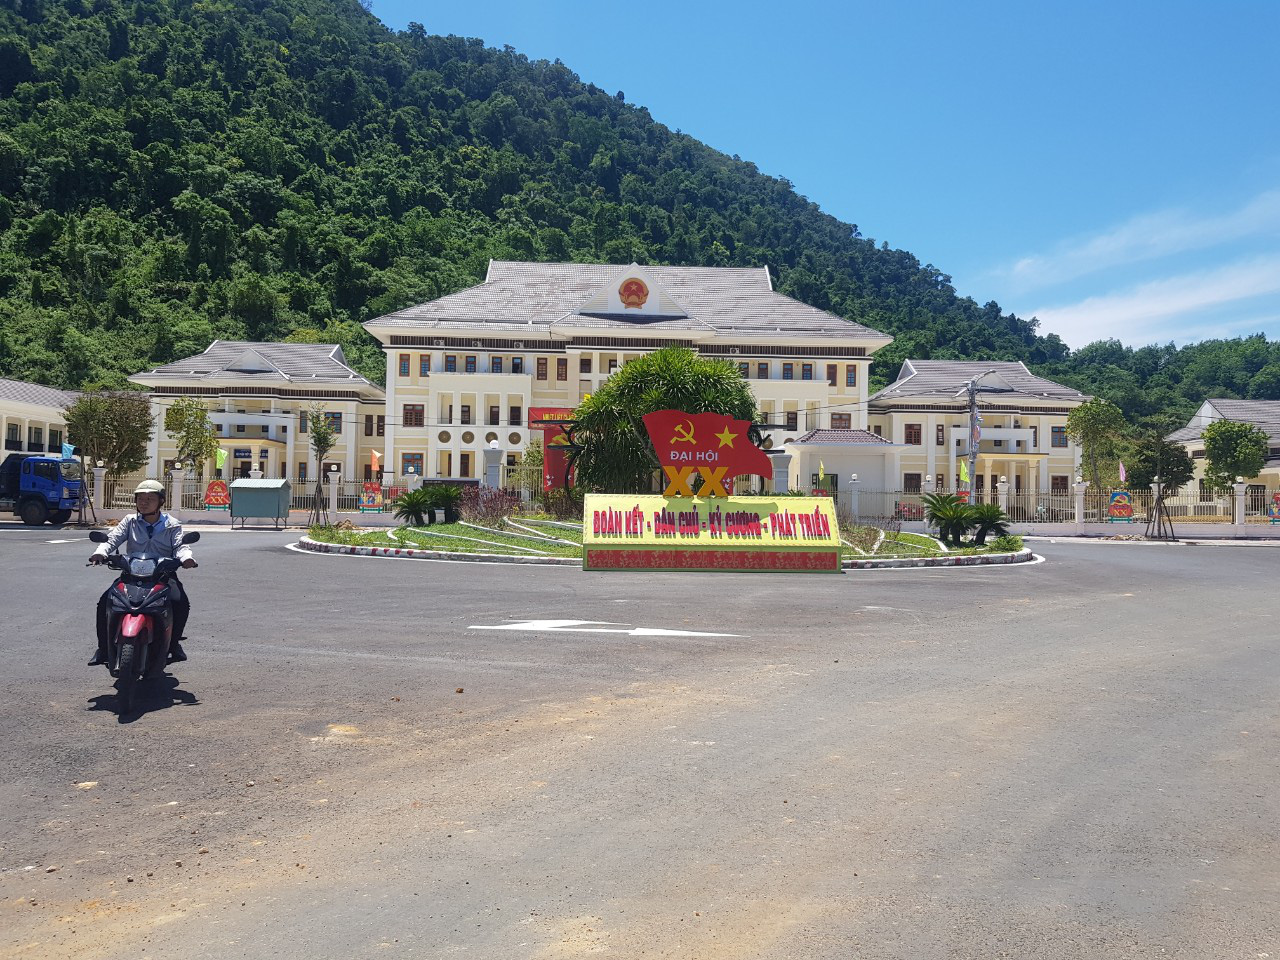 Quảng Nam: Nông thôn mới ở Nam Giang gắn với OCOP giúp khu vực miền núi đổi thay - Ảnh 1.